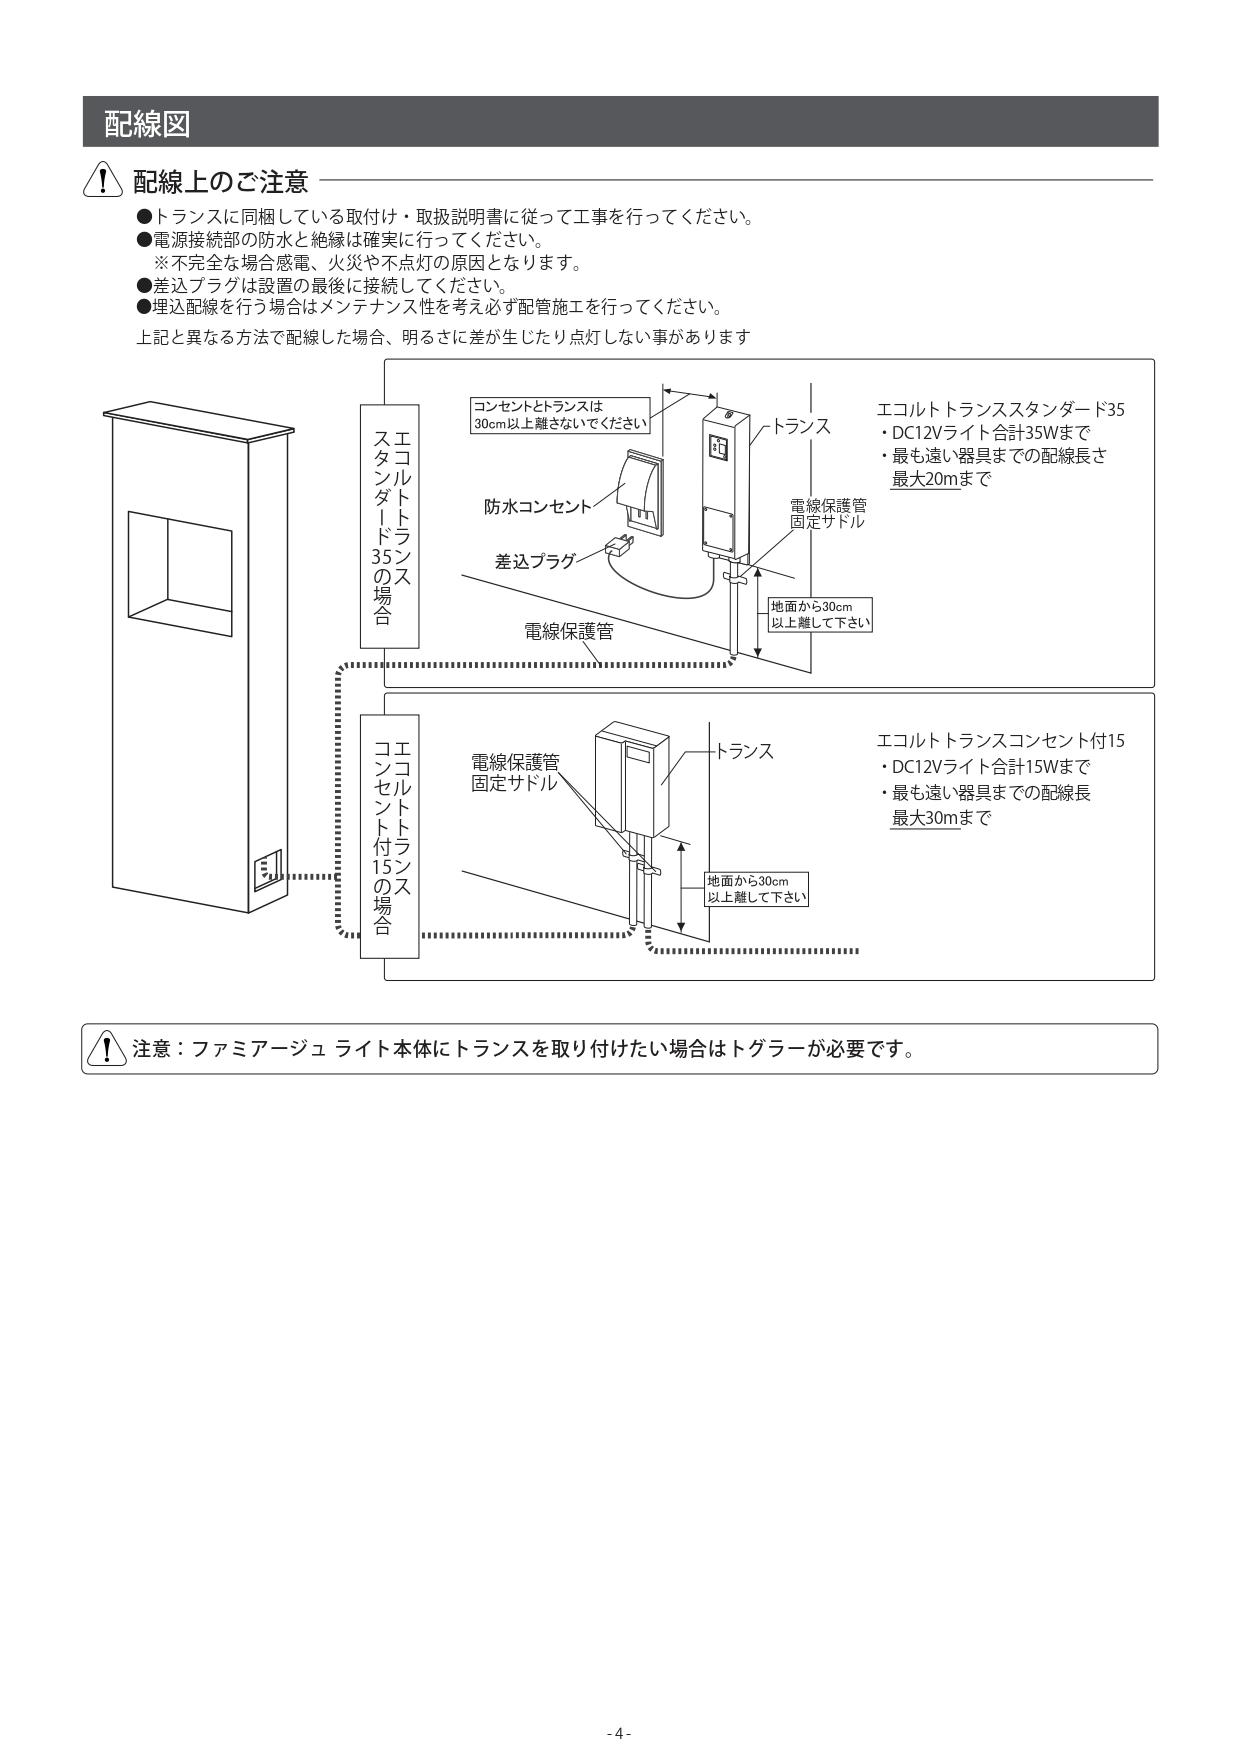 ファミアージュライト_取扱説明書_page-0004